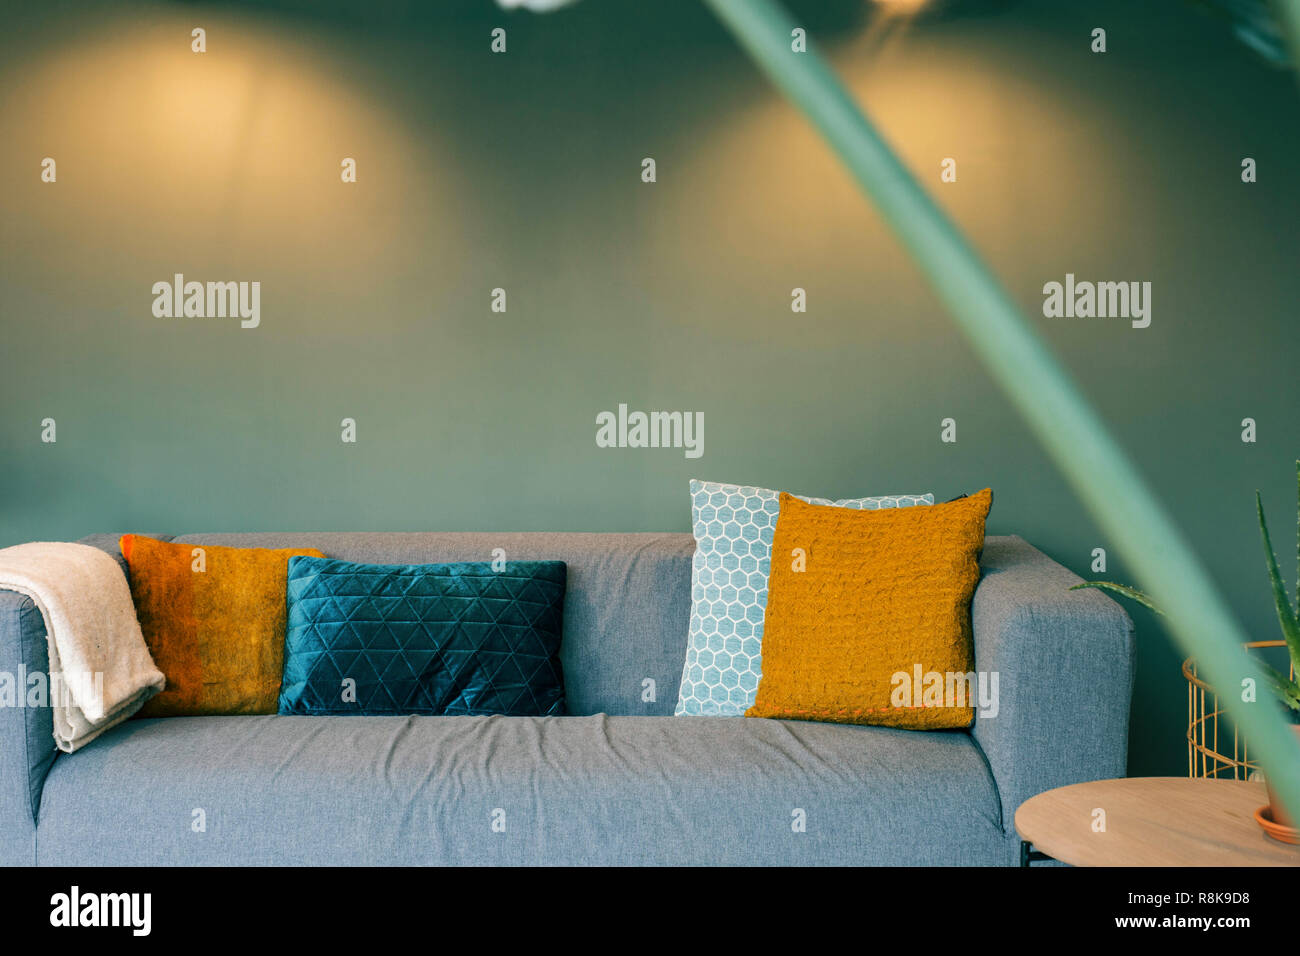 Gelben Und Wohnzimmer Sofa Wand Kissen Modernes Grüne WE2IDYHe9